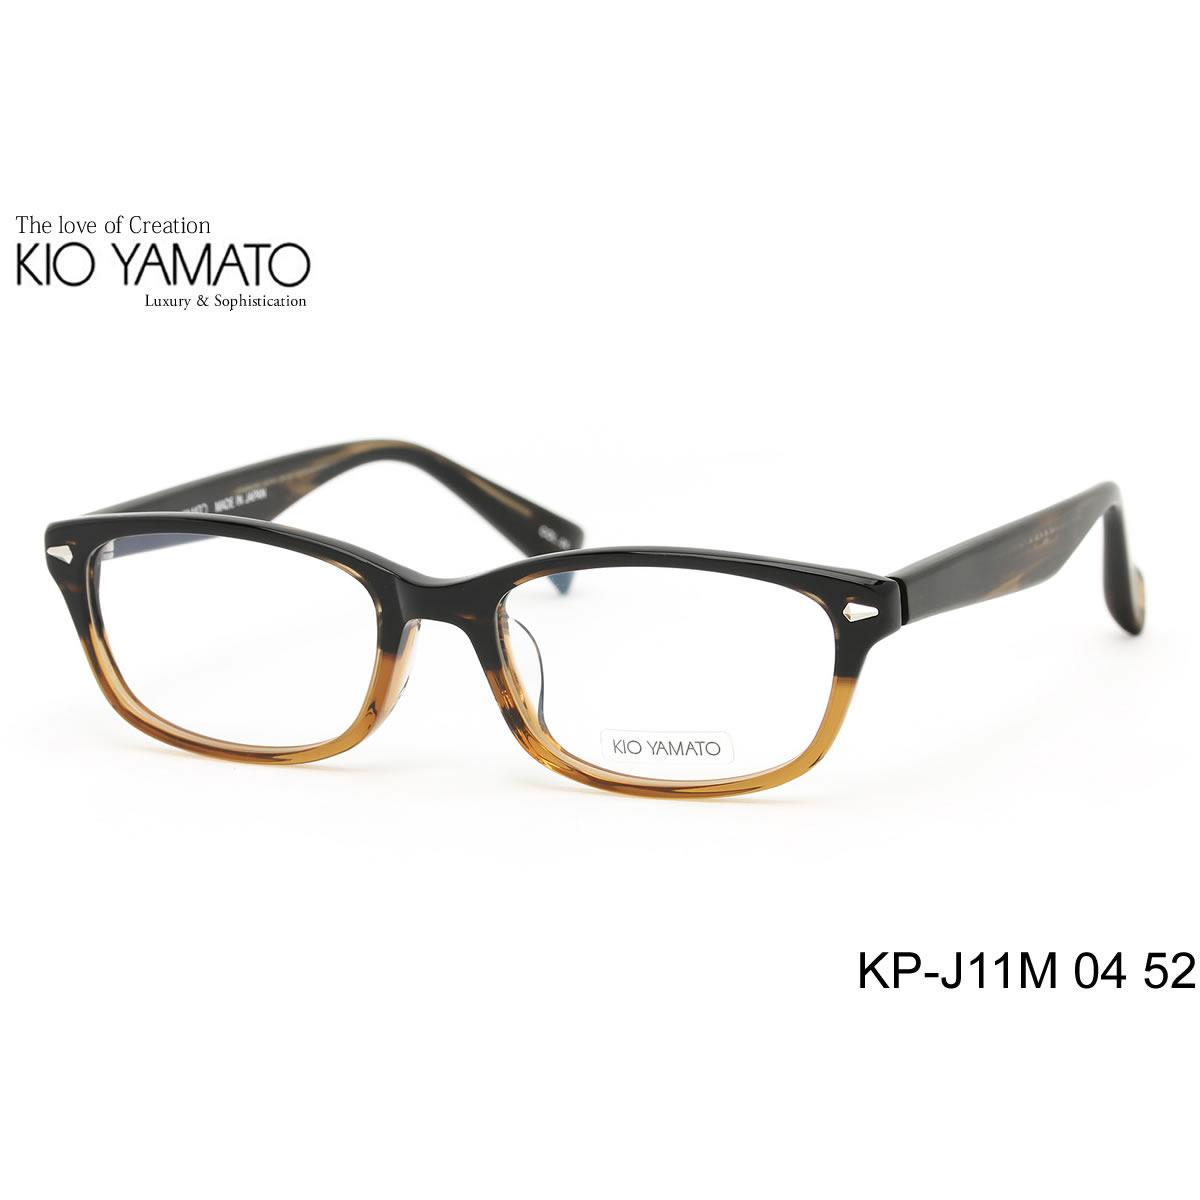 【10月30日からエントリーで全品ポイント20倍】【14時までのご注文は即日発送】KP-J11M 04 52サイズ KIO YAMATO (キオヤマト) メガネ 日本製 バネ蝶番 バネ丁番 メンズ レディース【あす楽対応】